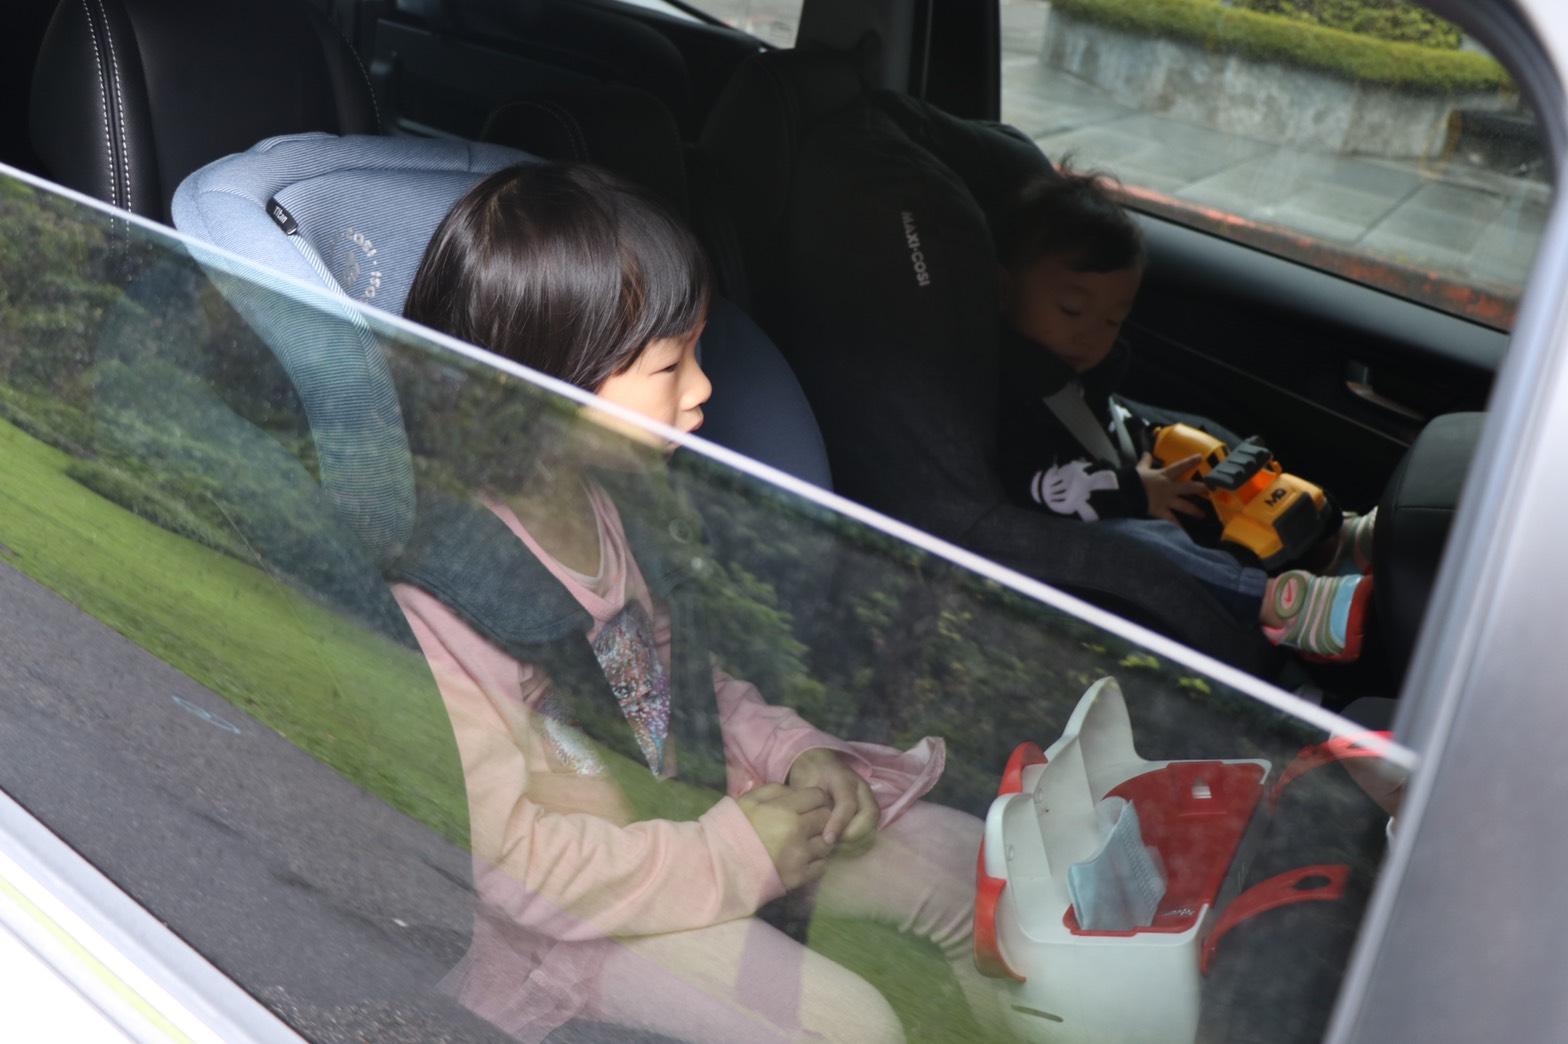 Lotso 嬰兒用品租賃-汽座、嬰兒推車出租推薦